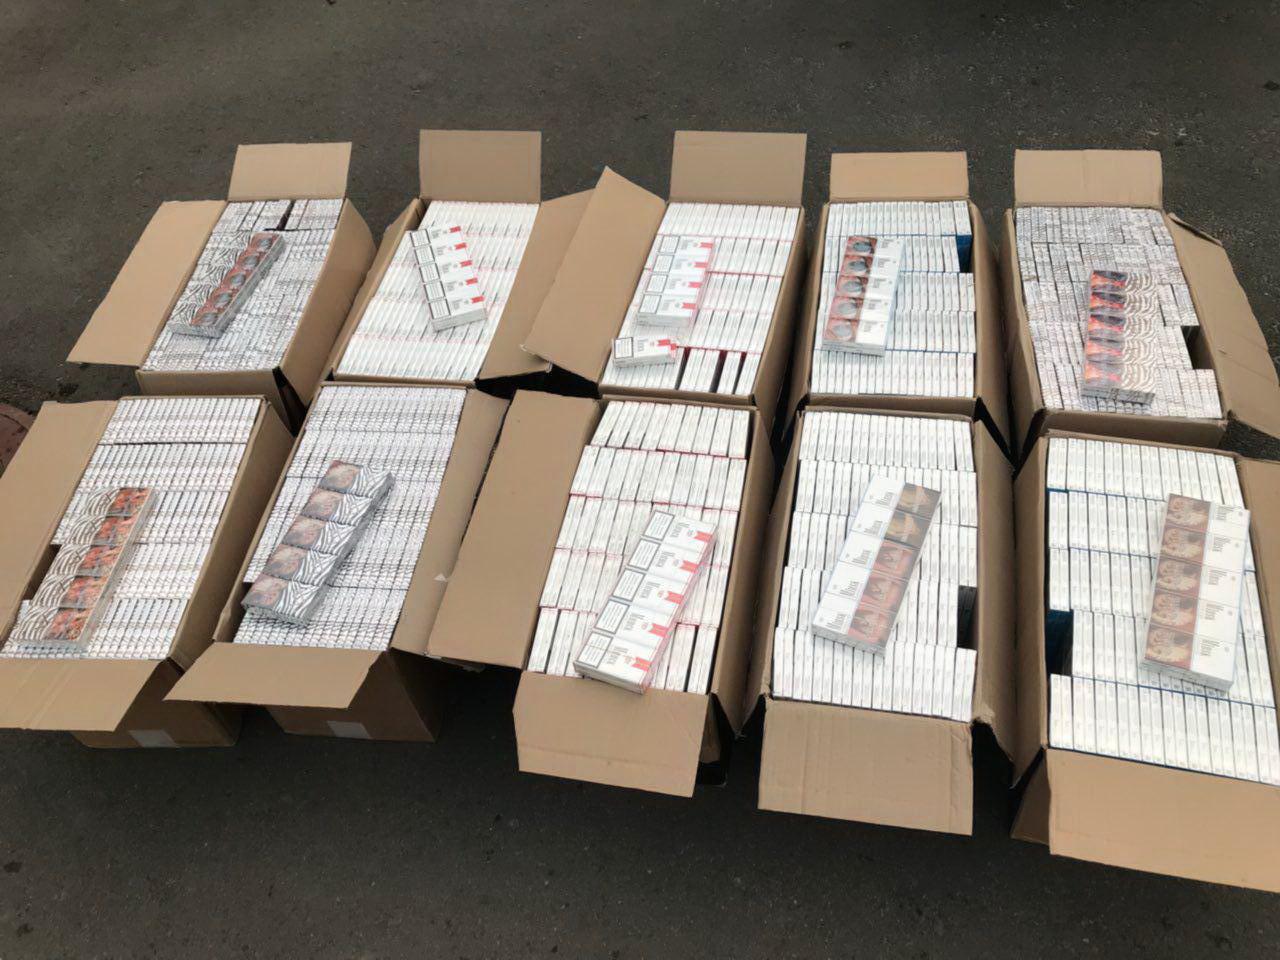 Волинські прикордонники затримали «УАЗ» з контрабандними цигарками. ФОТО